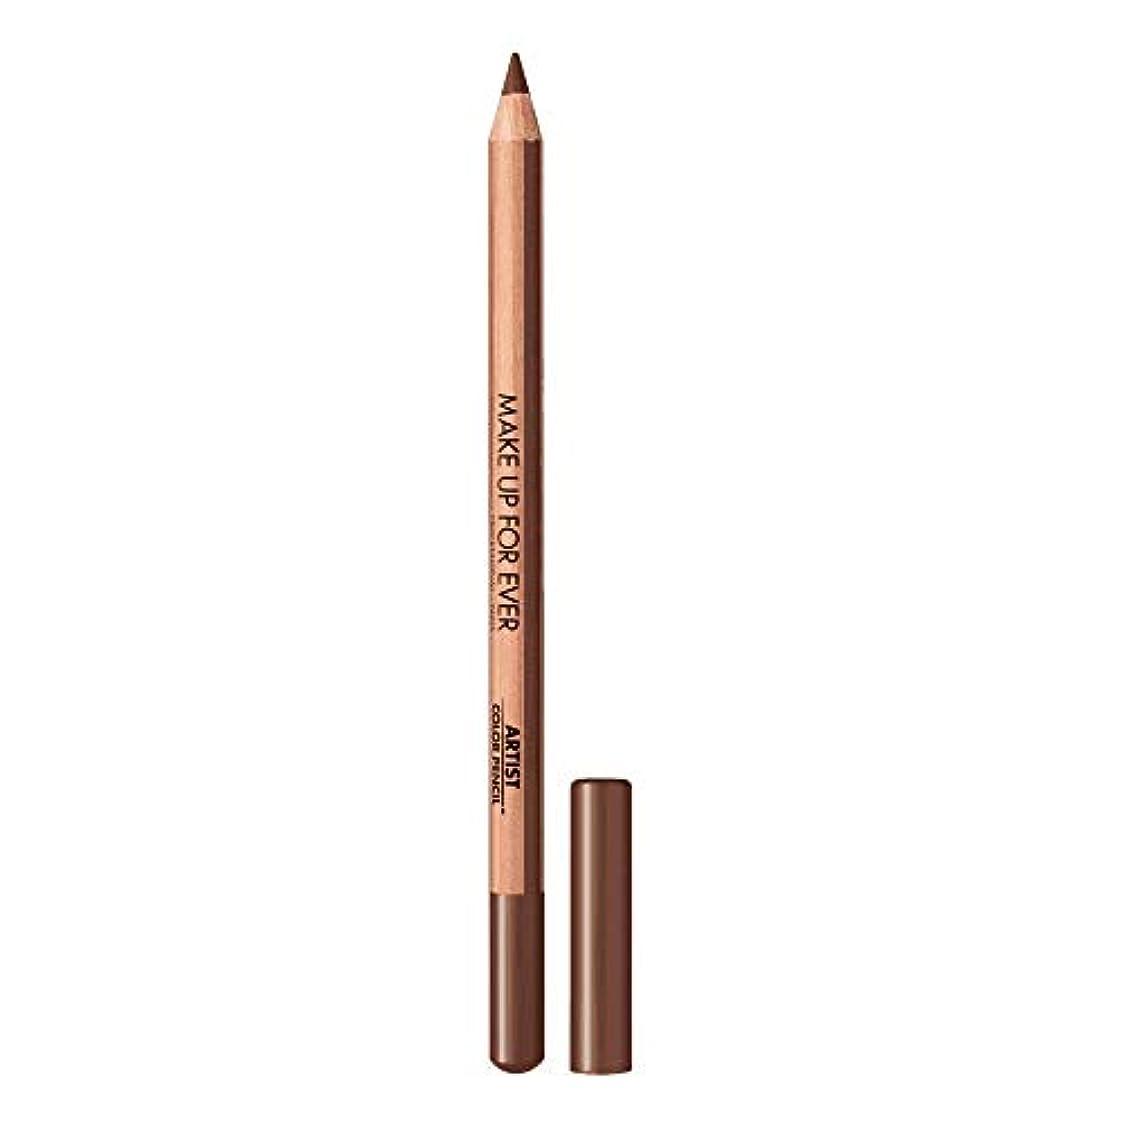 退院幻滅かみそりメイクアップフォーエバー Artist Color Pencil - # 608 Limitless Brown 1.41g/0.04oz並行輸入品